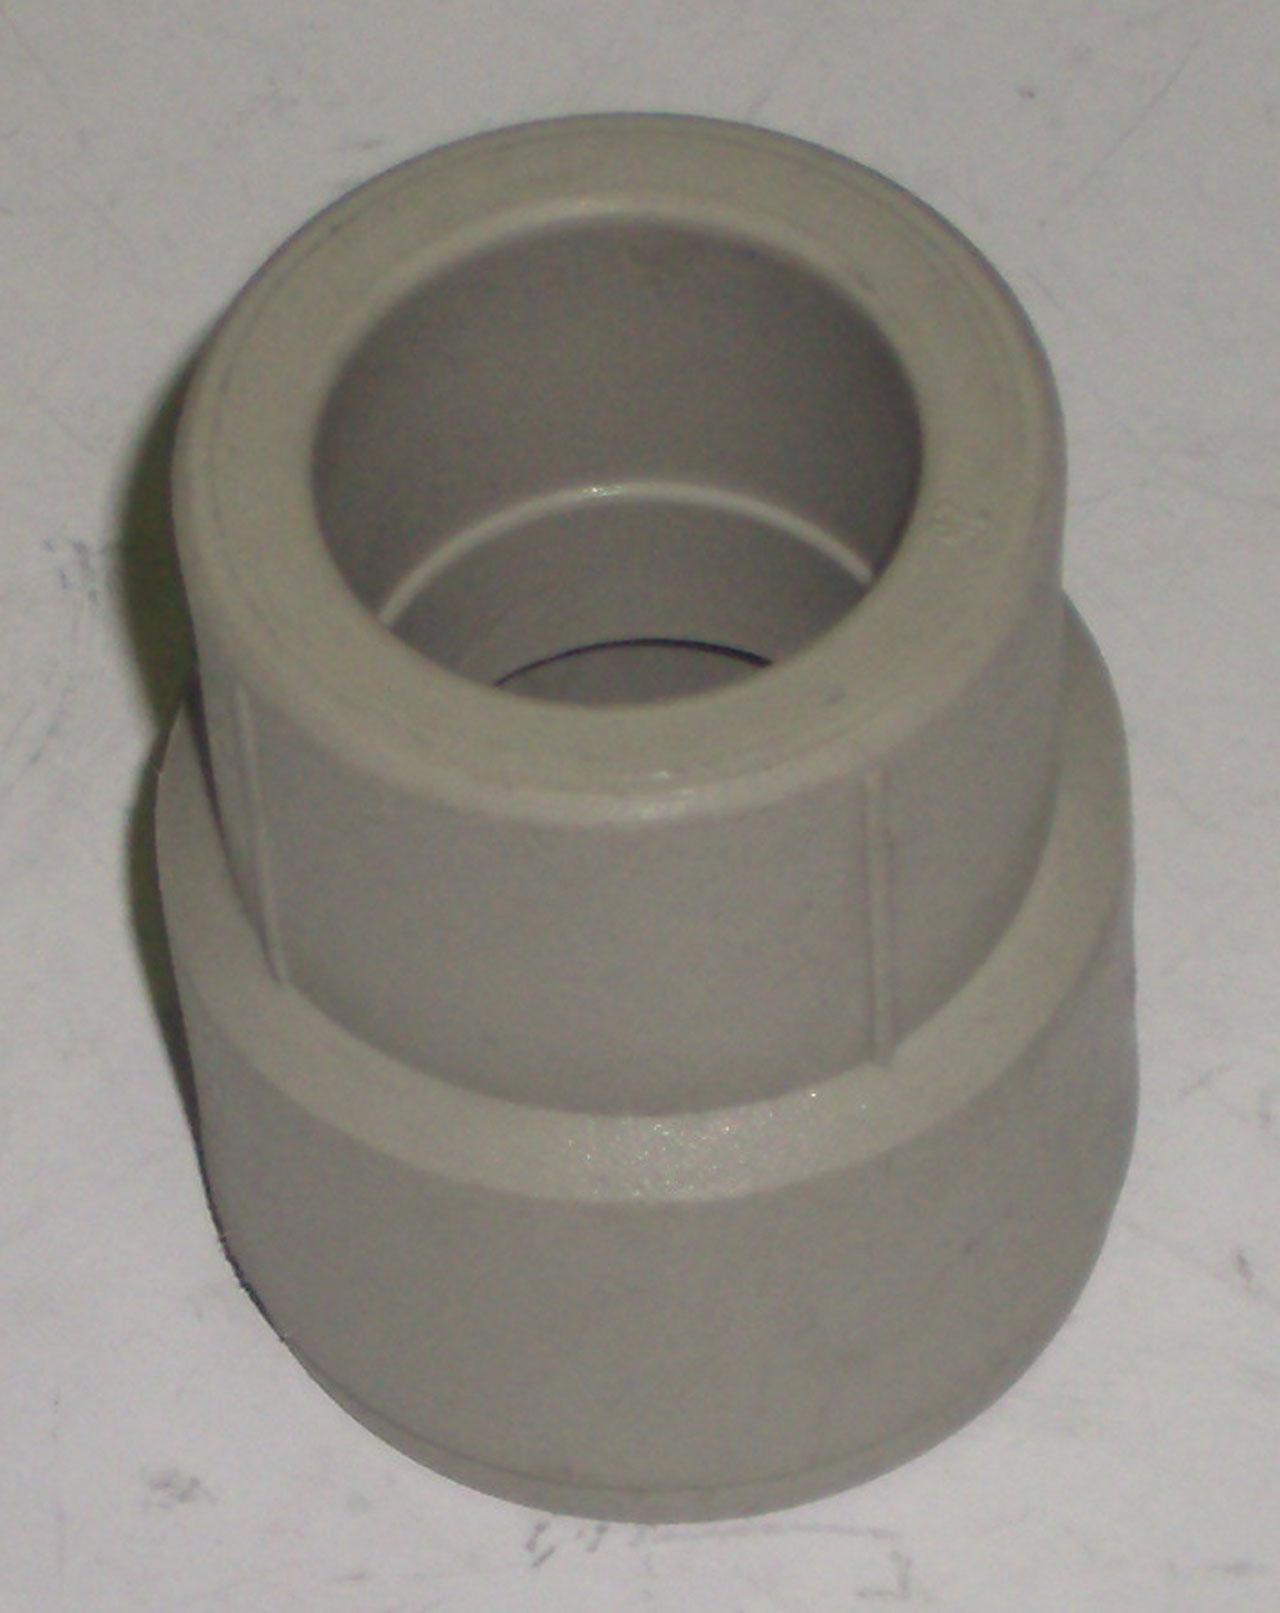 Муфта полипропиленовая редукционная FIRAT, серая, ВР, арт.7722040025  40х25